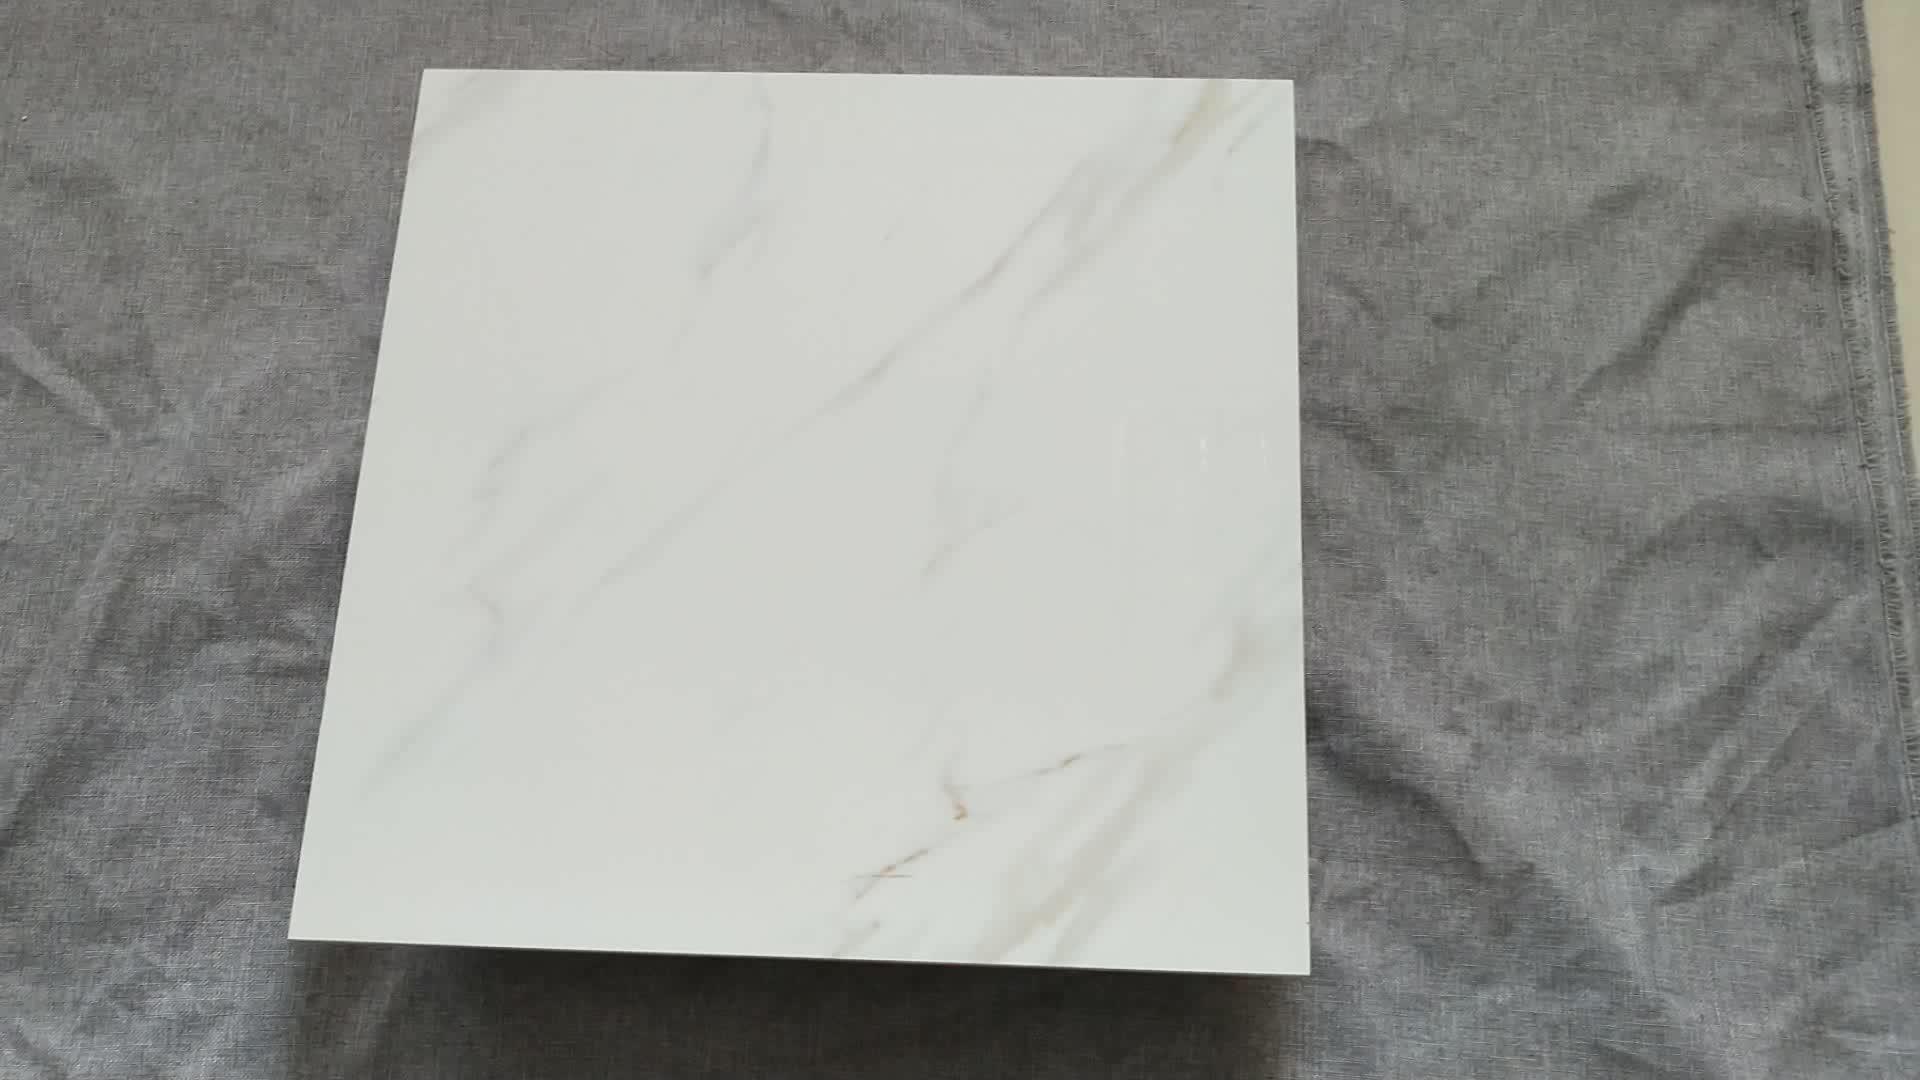 60*60 センチメートル高輝度磁器セラミック床タイル